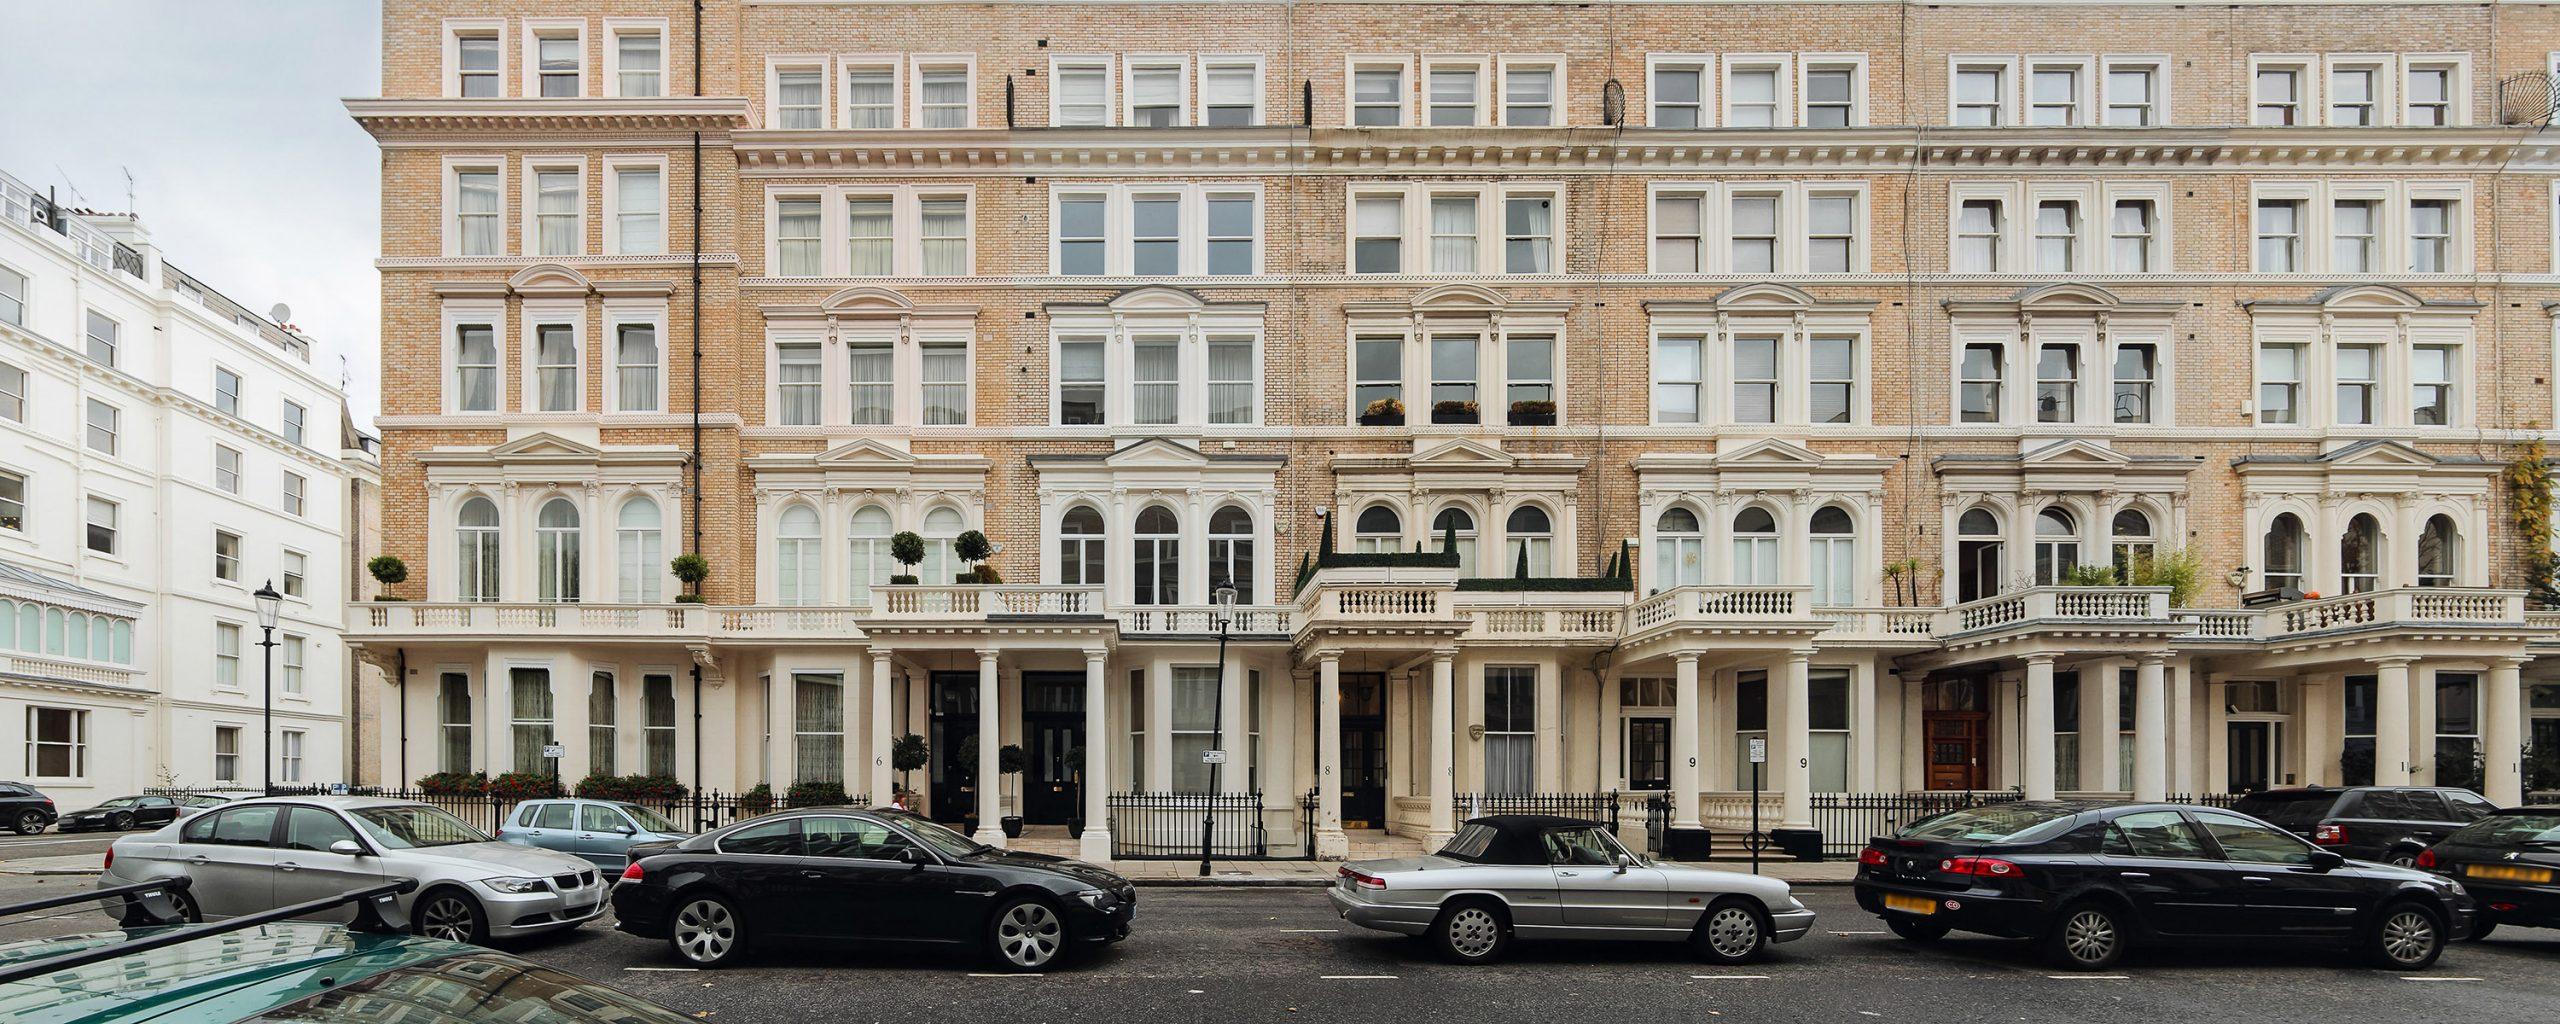 london street in South Kensington, London